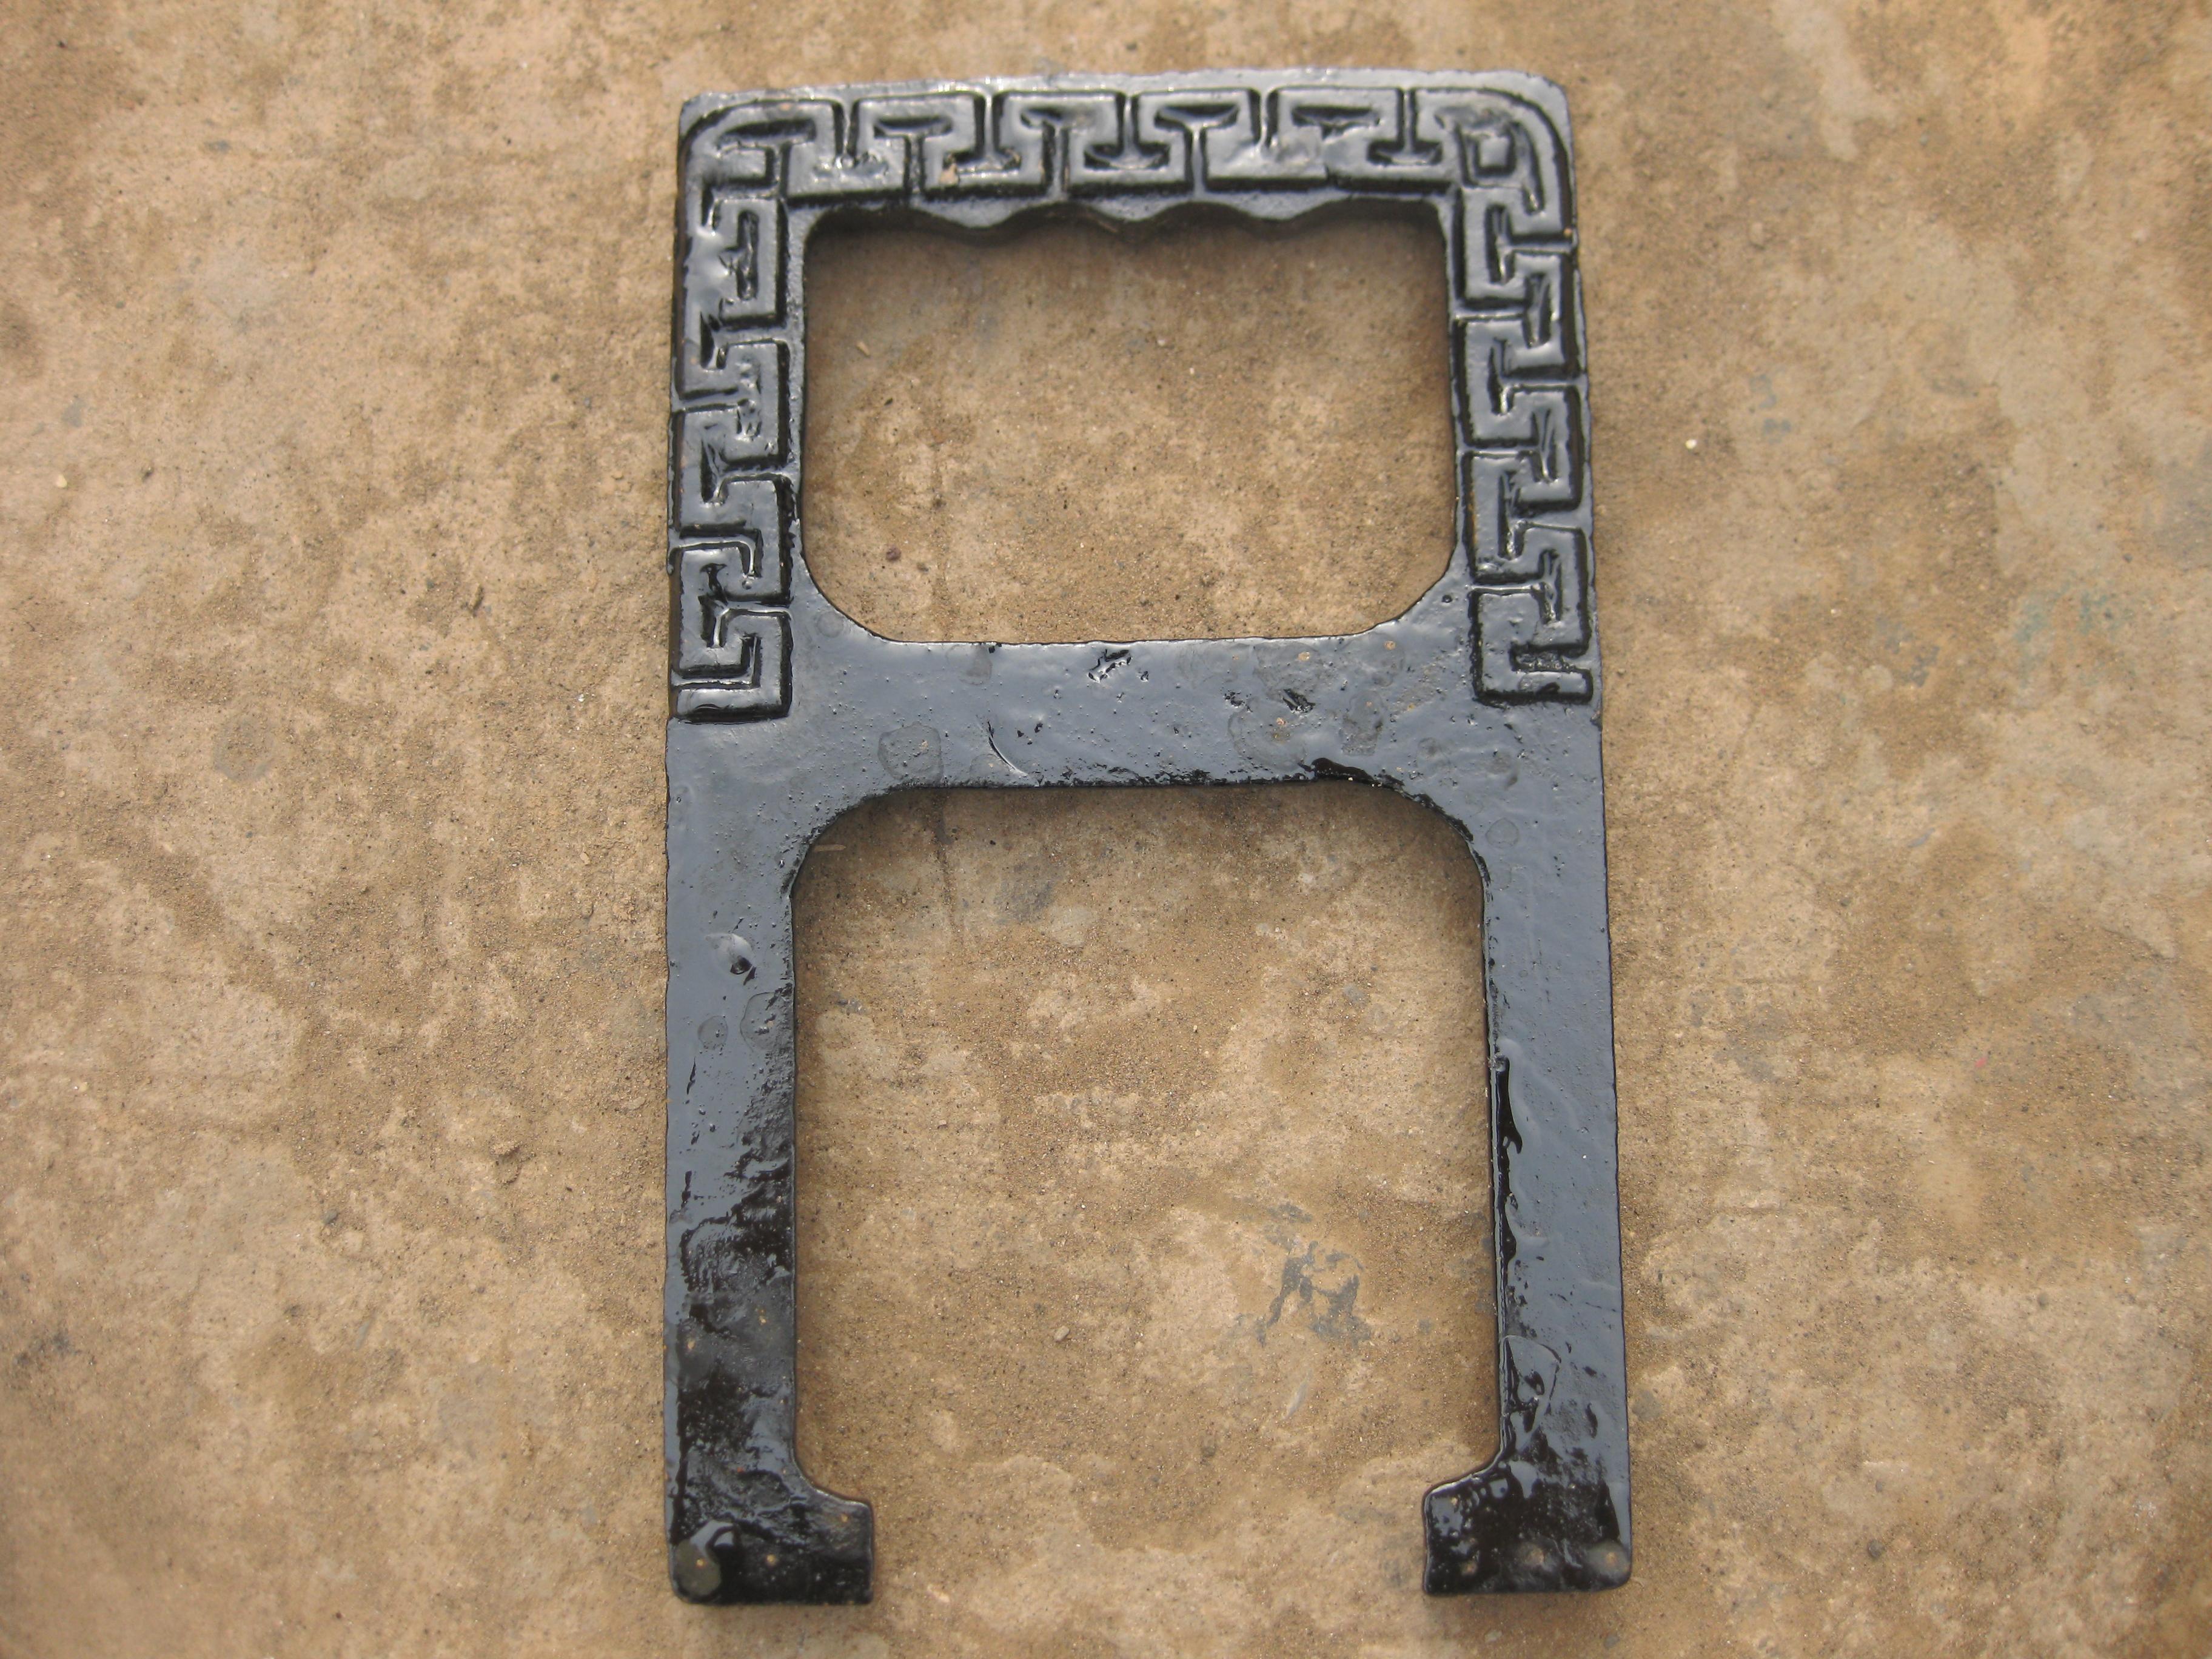 Manhole Ladder Ductile Iron High Quality China Factory Cast Iron